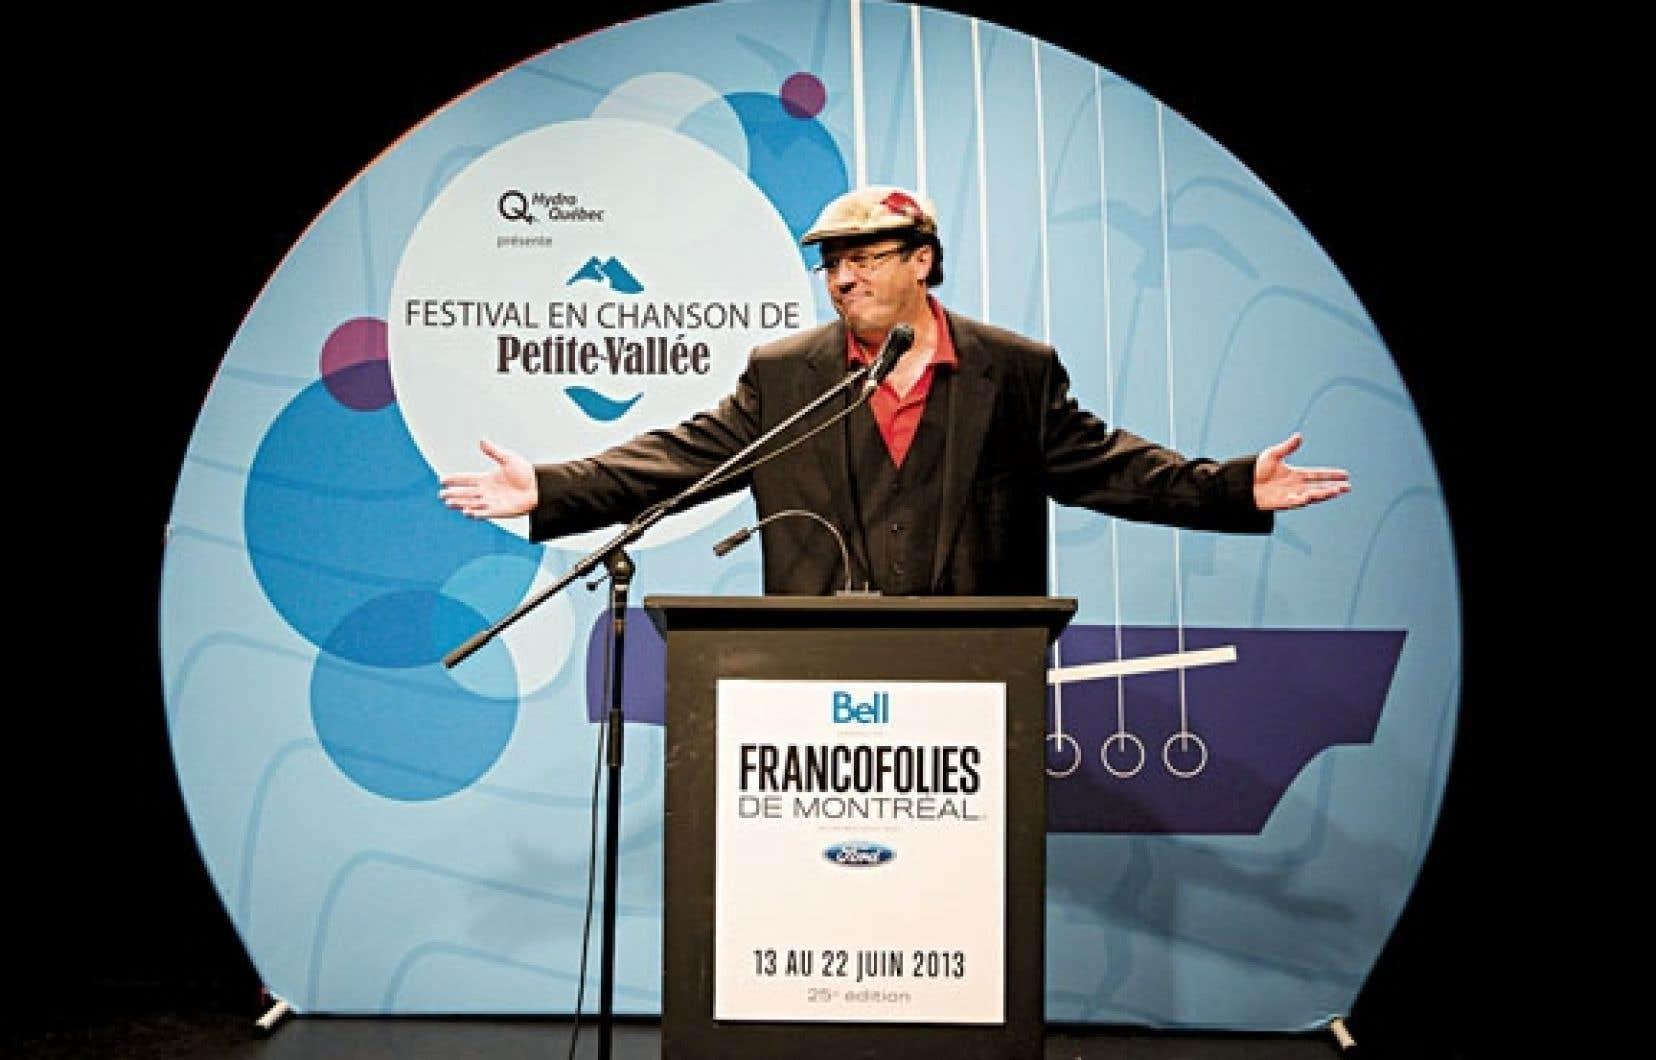 Le directeur du Festival en chanson de Petite-Vallée, Alan Côté, a profité mardi de la vitrine offerte par les FrancoFolies pour lancer sa programmation.